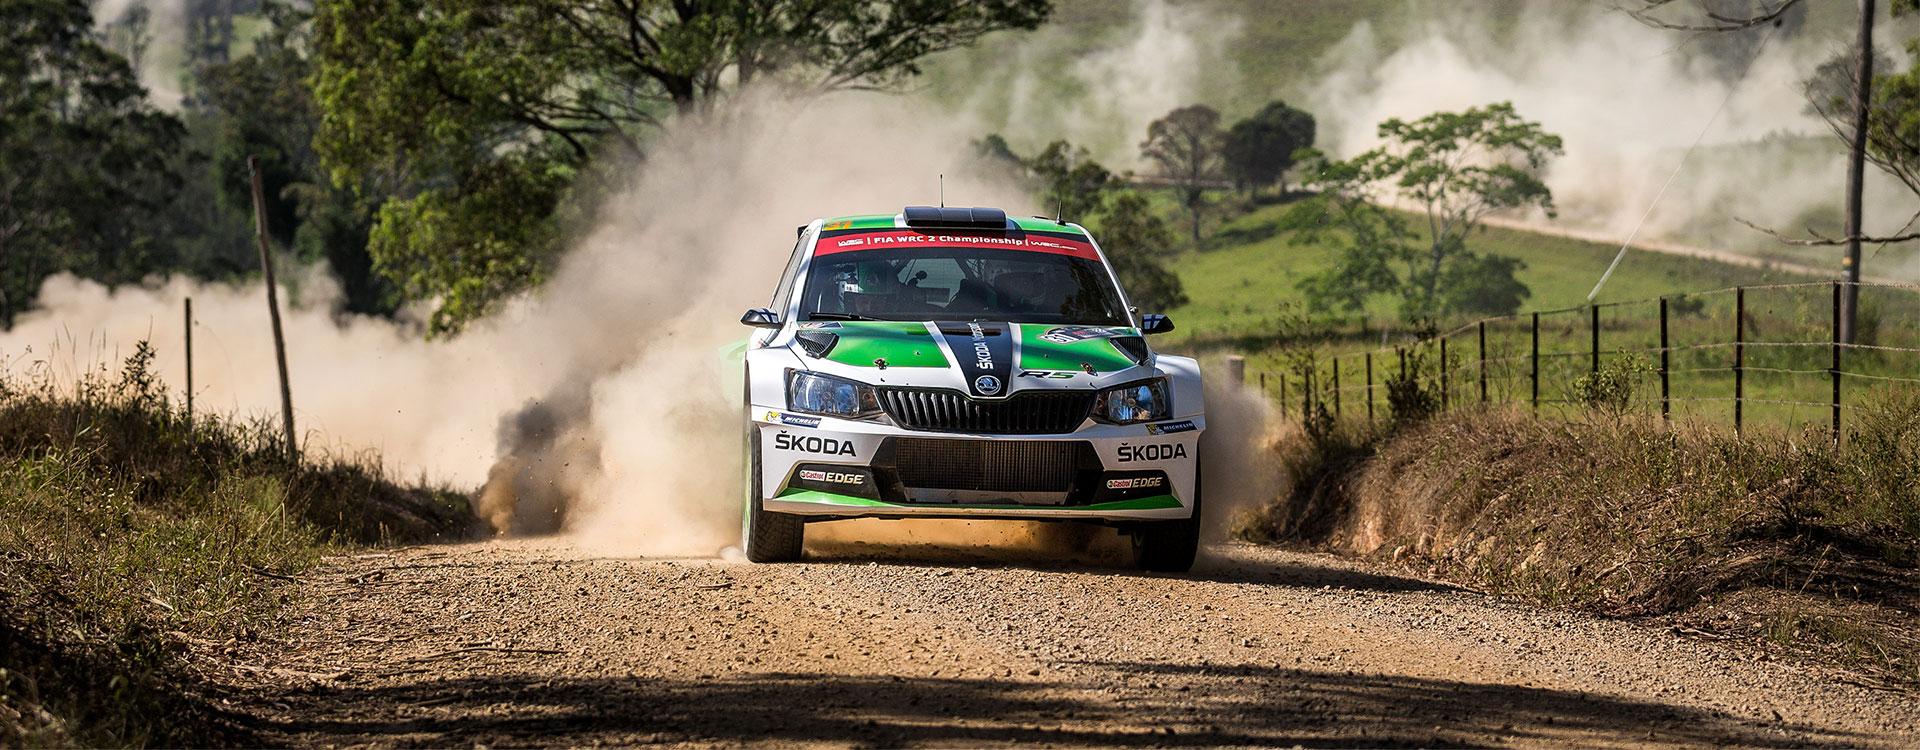 WRC Austrálie: Esapekka Lappi po prvním dnu suverénně vede